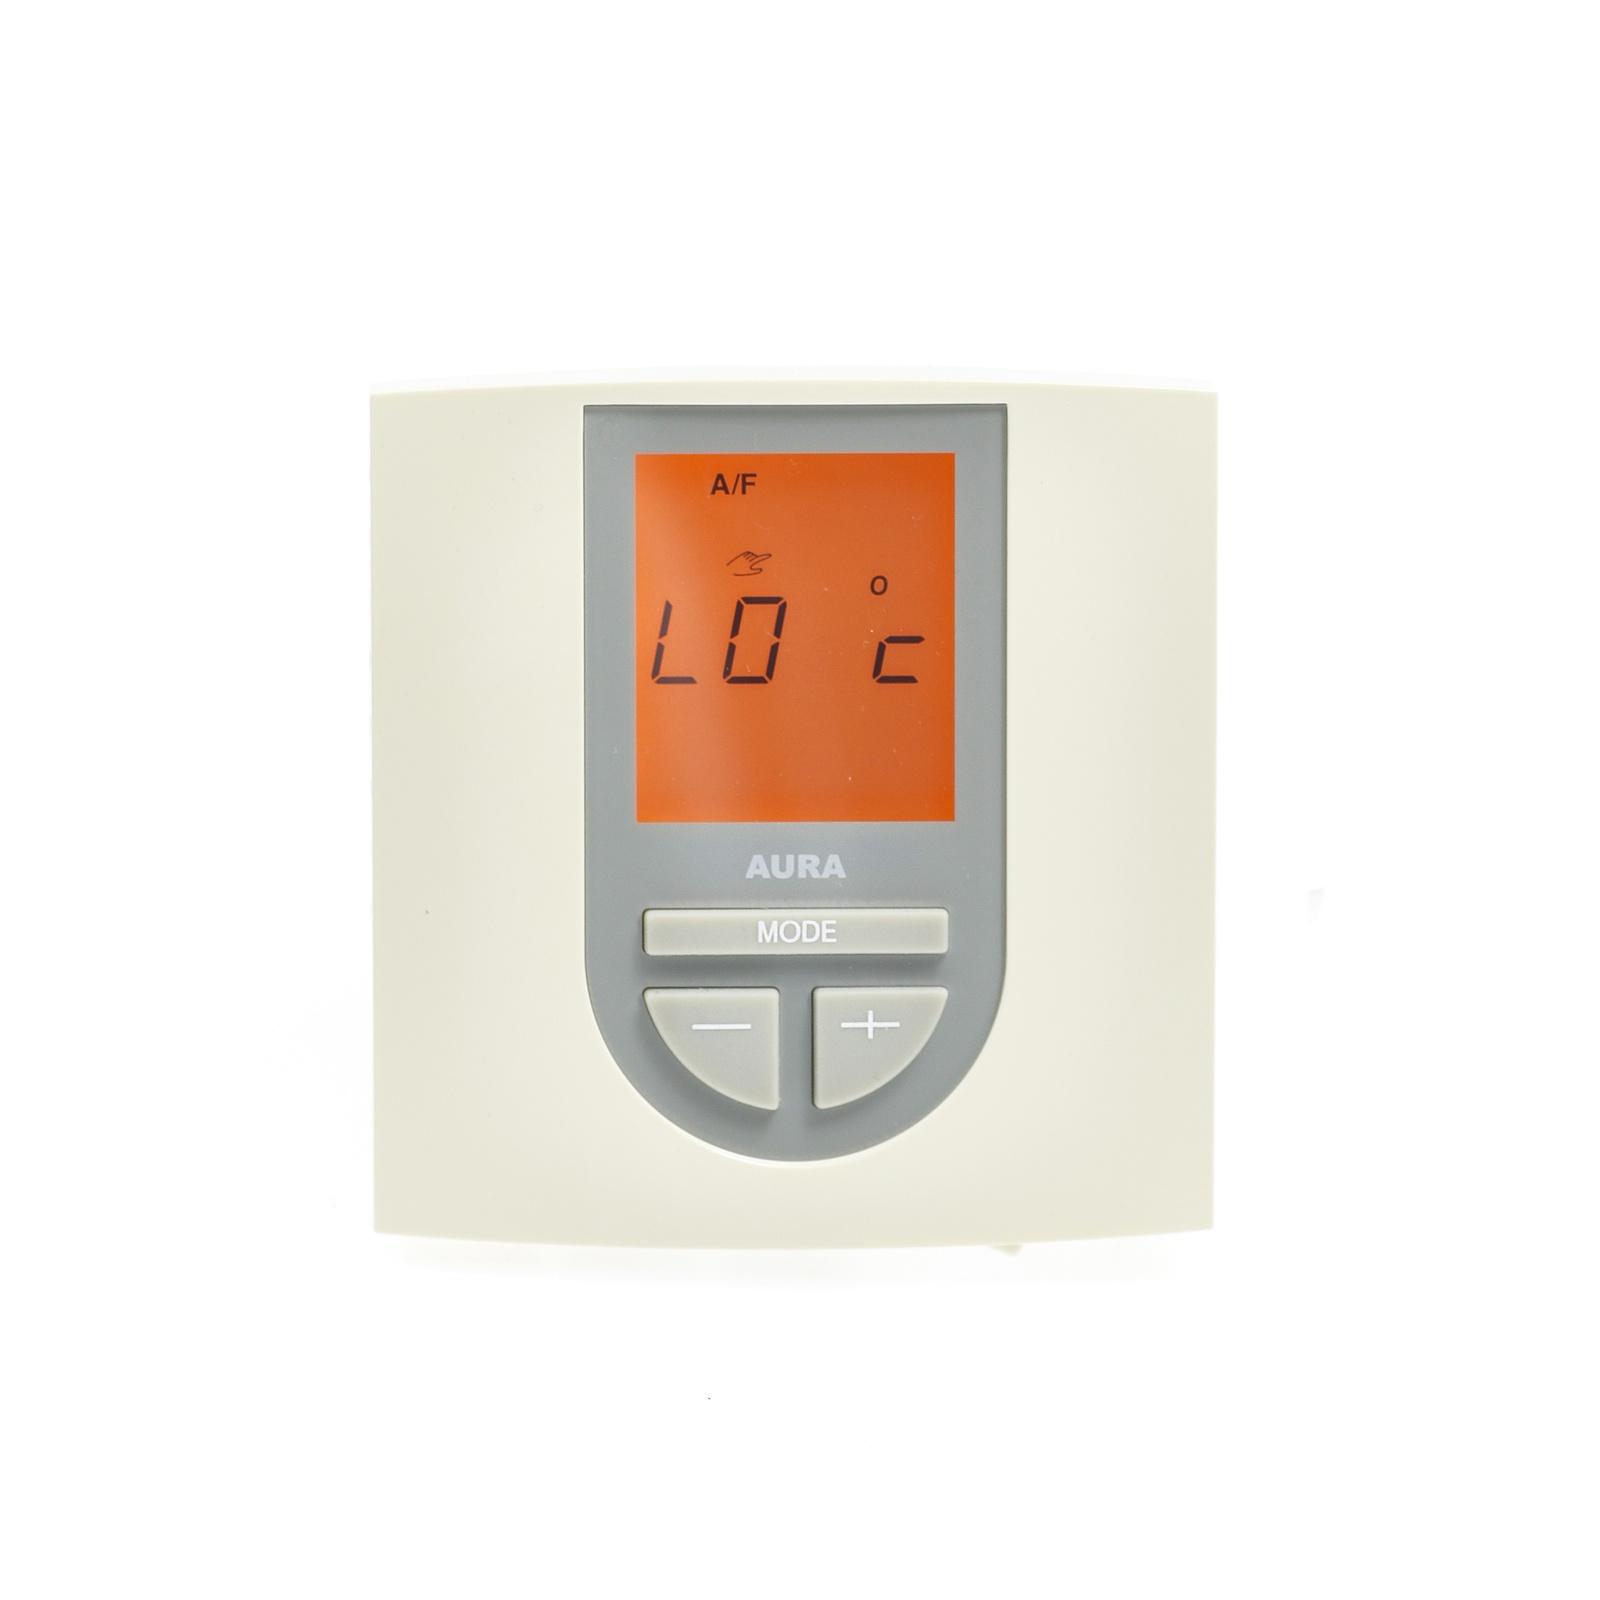 Регулятор теплого пола AURA VTC 550 кремовый, 3102550, бежевый цена